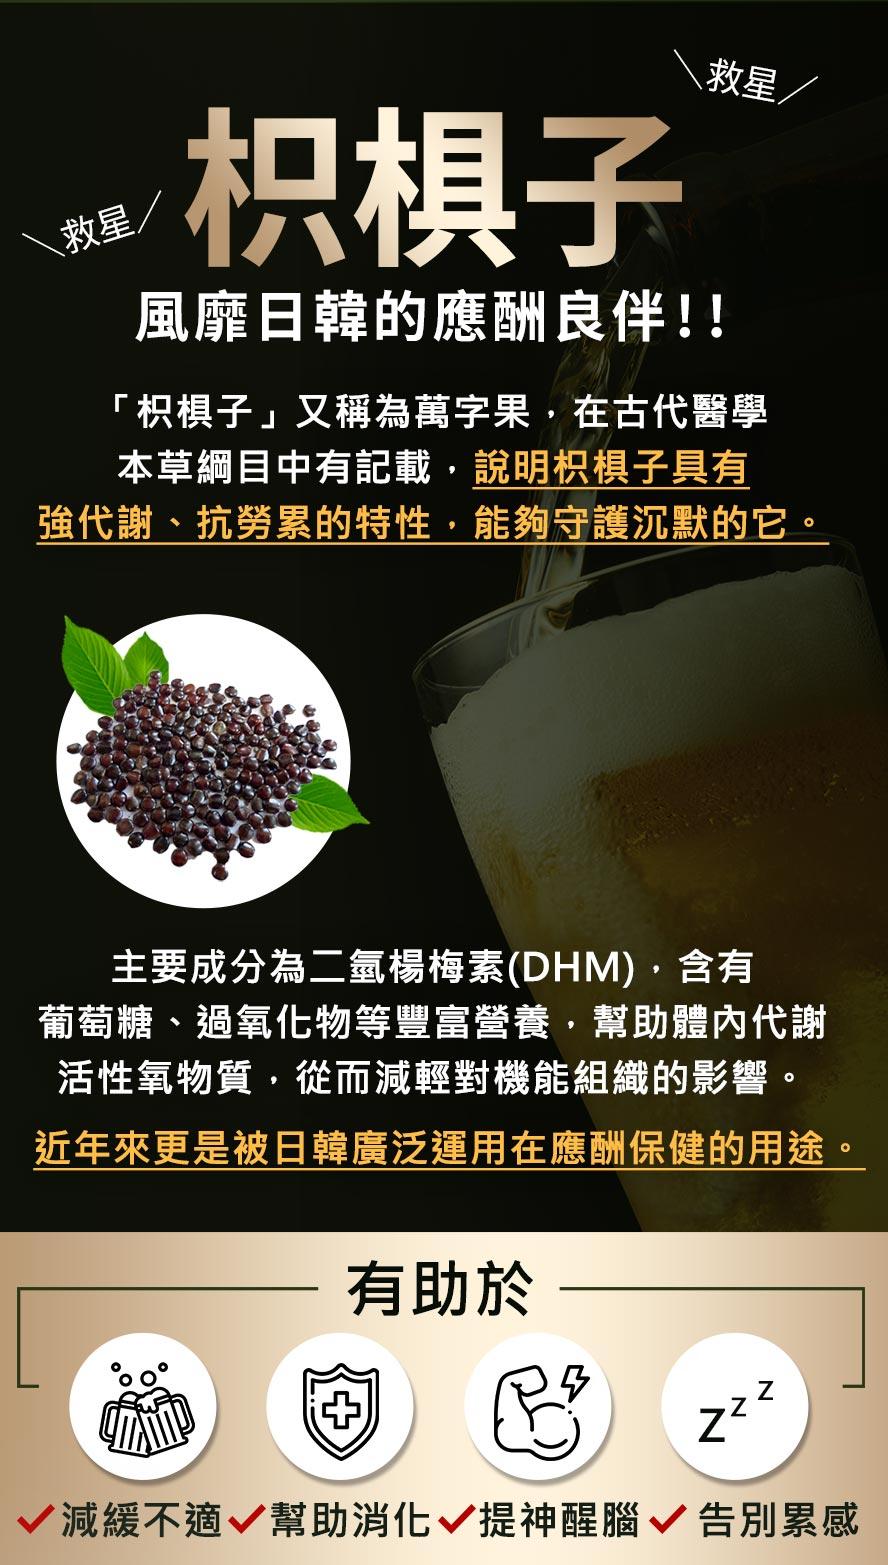 UNIQMAN應酬酵素超強配方,枳椇子搭配枳椇子並添加維生素,強效幫助解酒